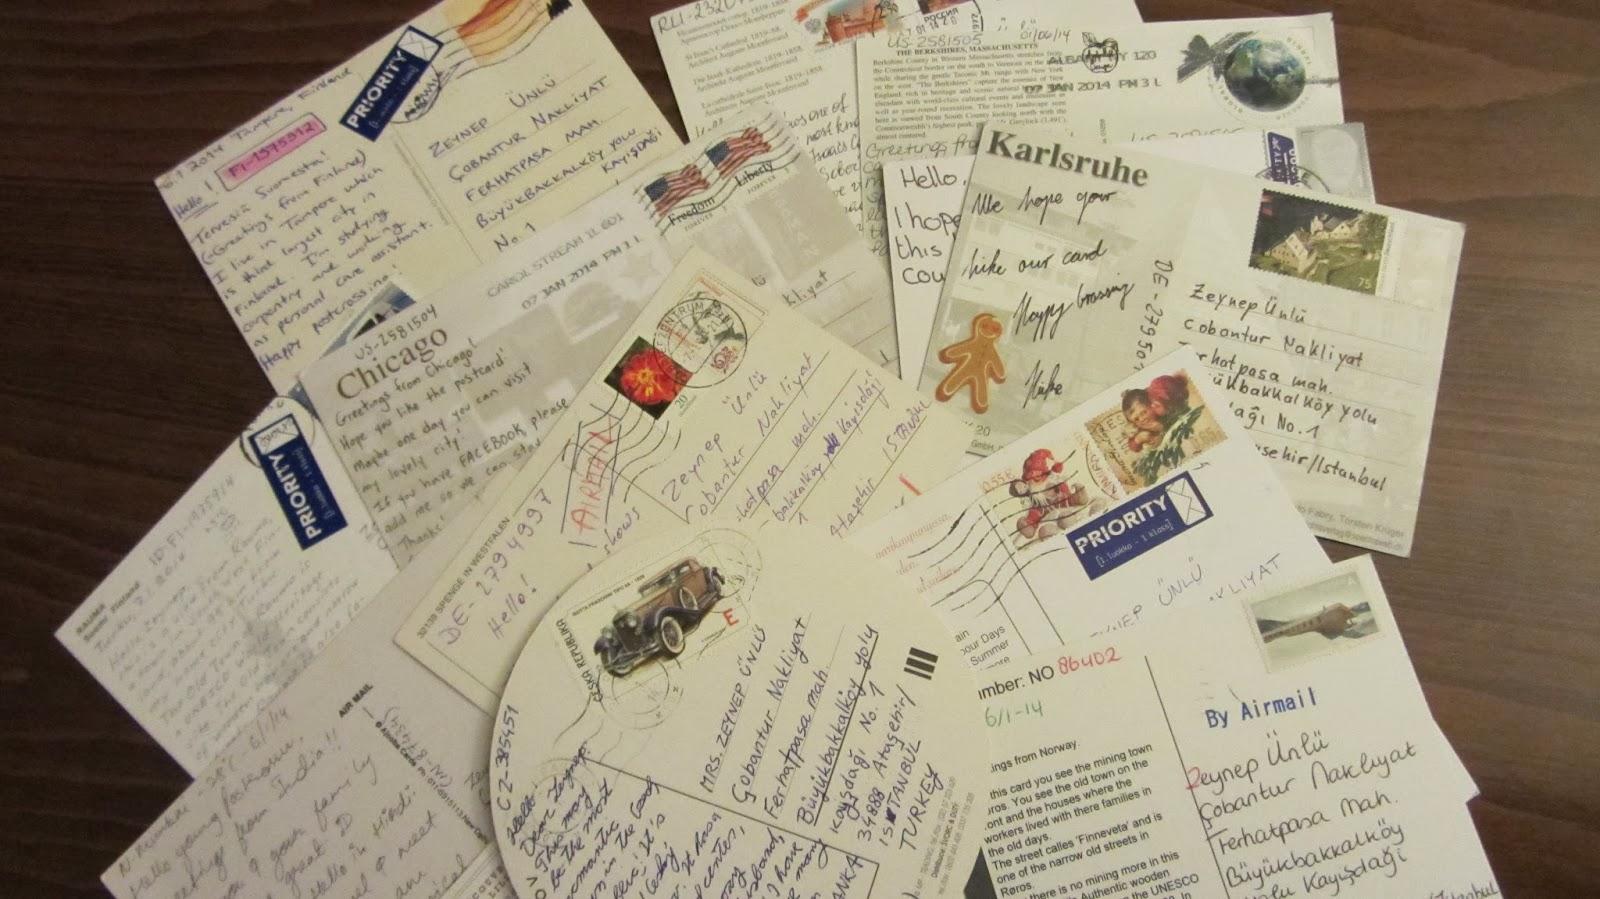 Картинки для, дизайн открыток для посткроссинга